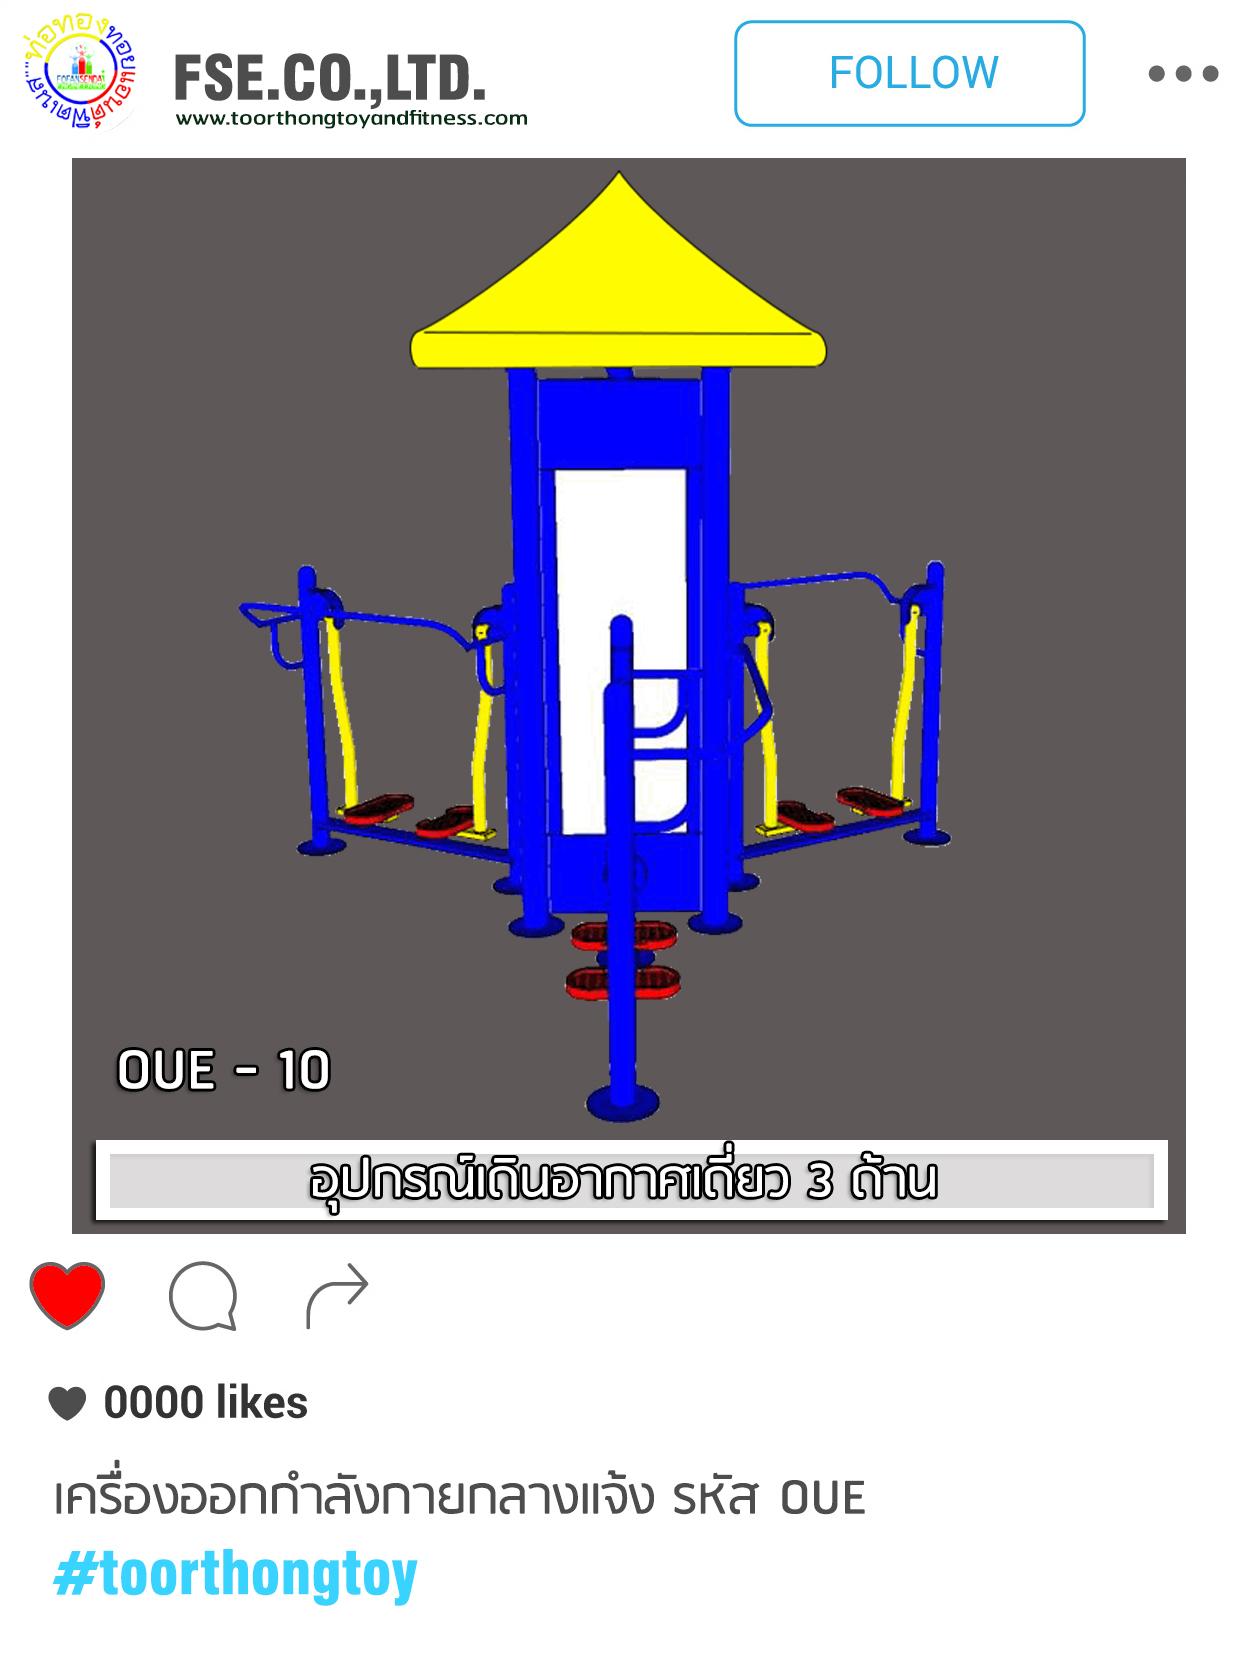 OUE-10 อุปกรณ์เดินอากาศเดี่ยว 3 ด้าน